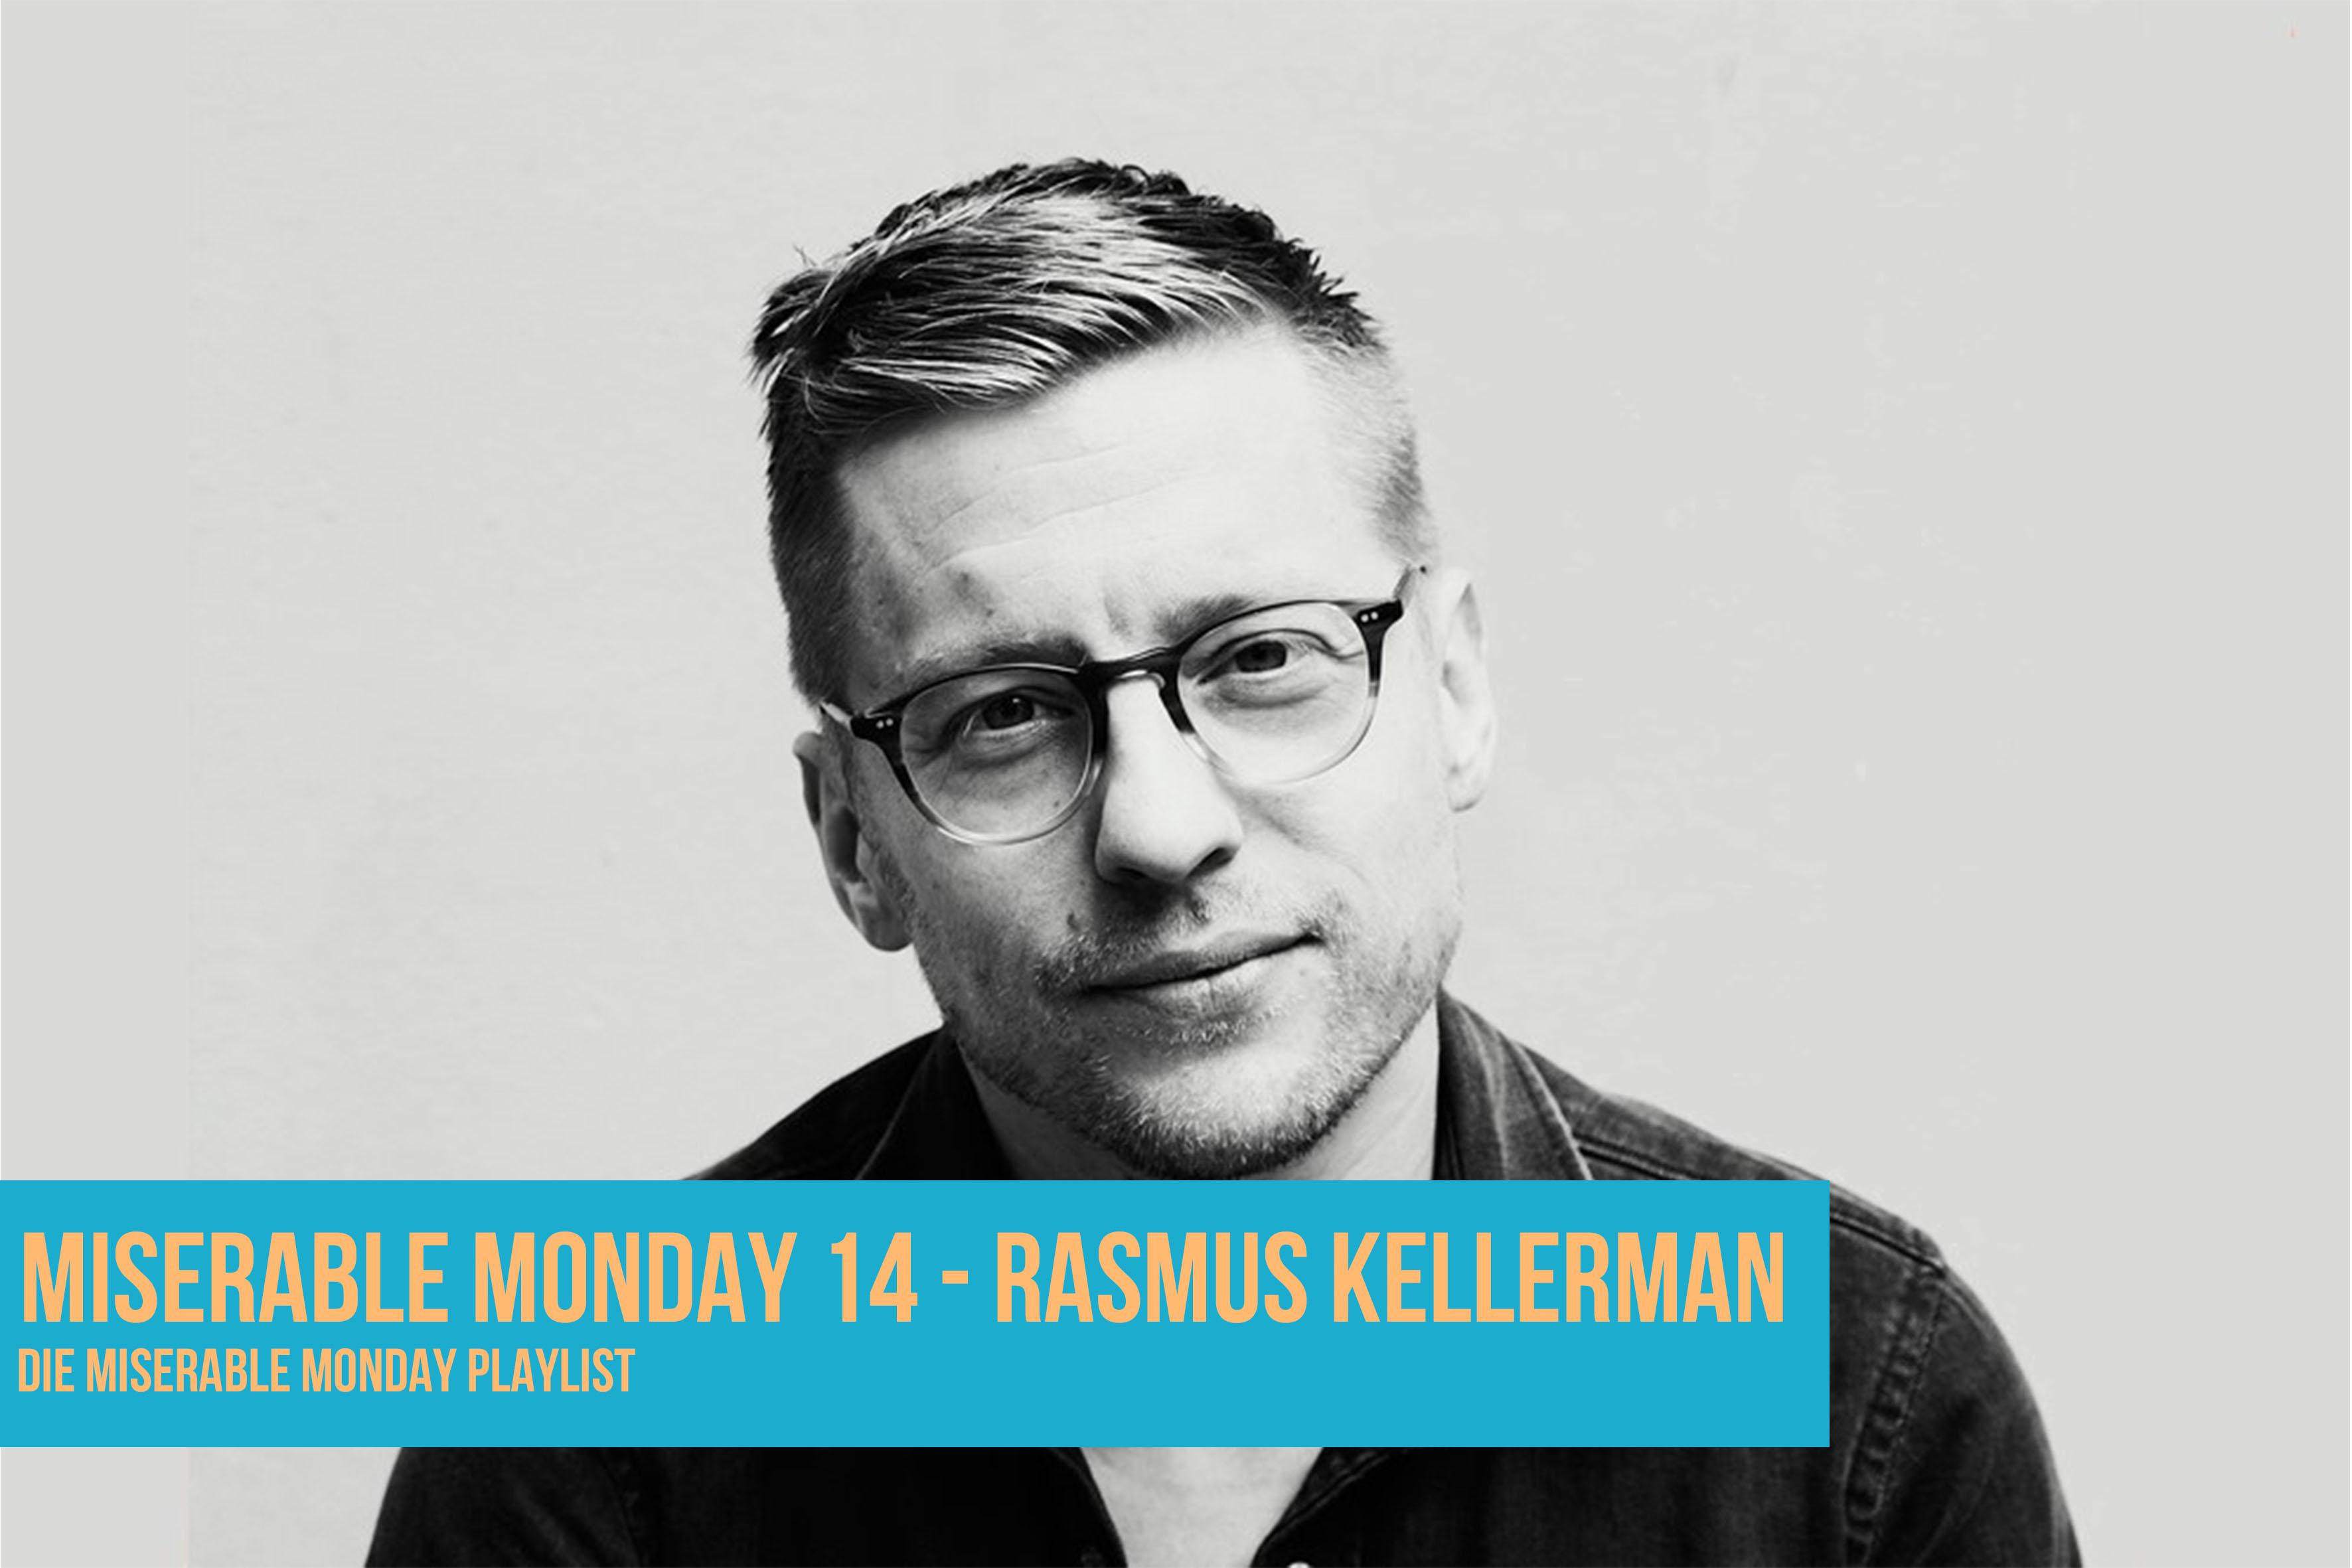 014 - Rasmus  Kellerman